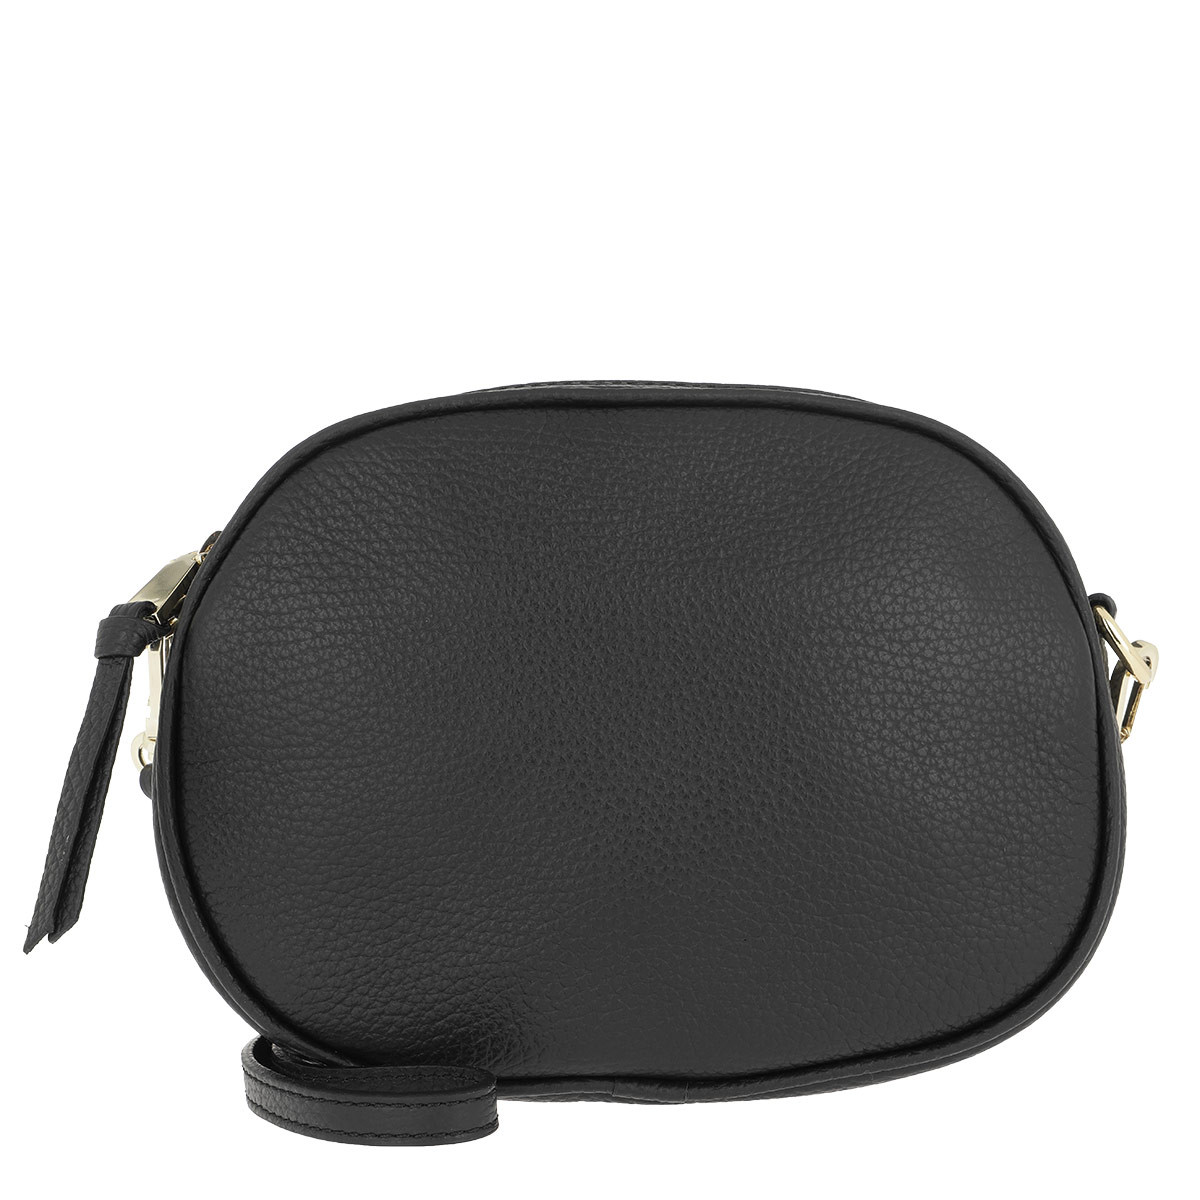 Abro Umhängetasche - Umhängetasche Ay Black - in schwarz - für Damen